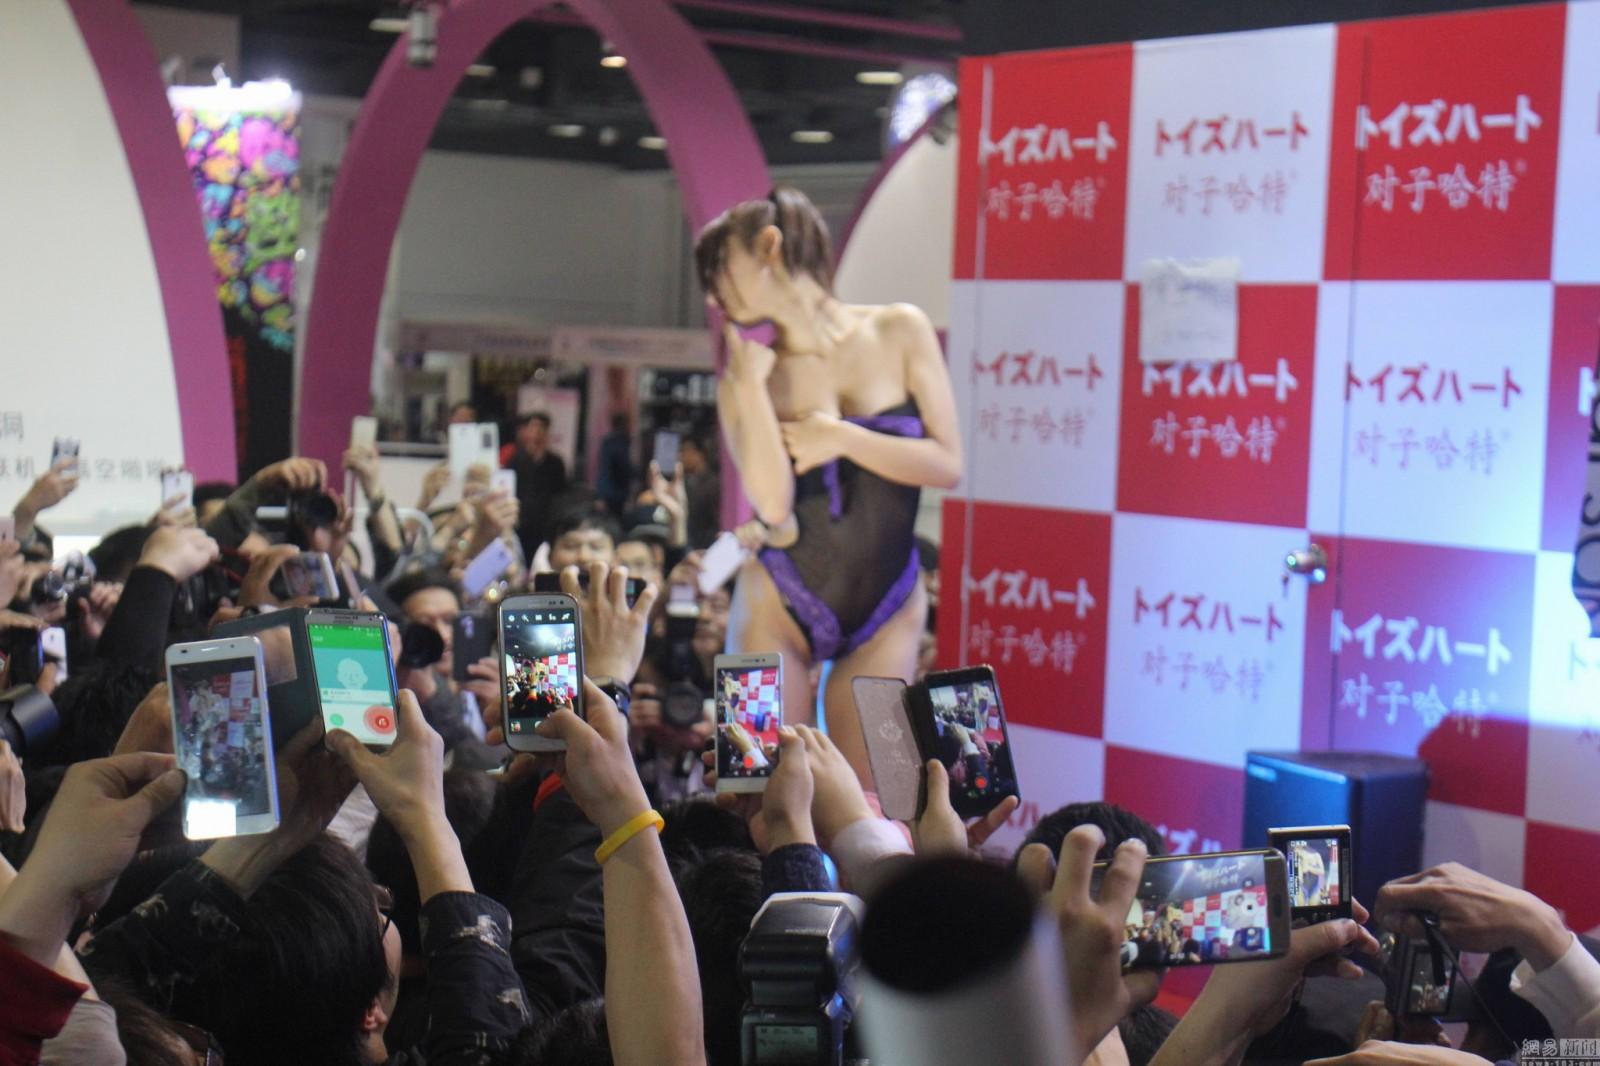 上海成人展日本女優代言仿真情趣用品